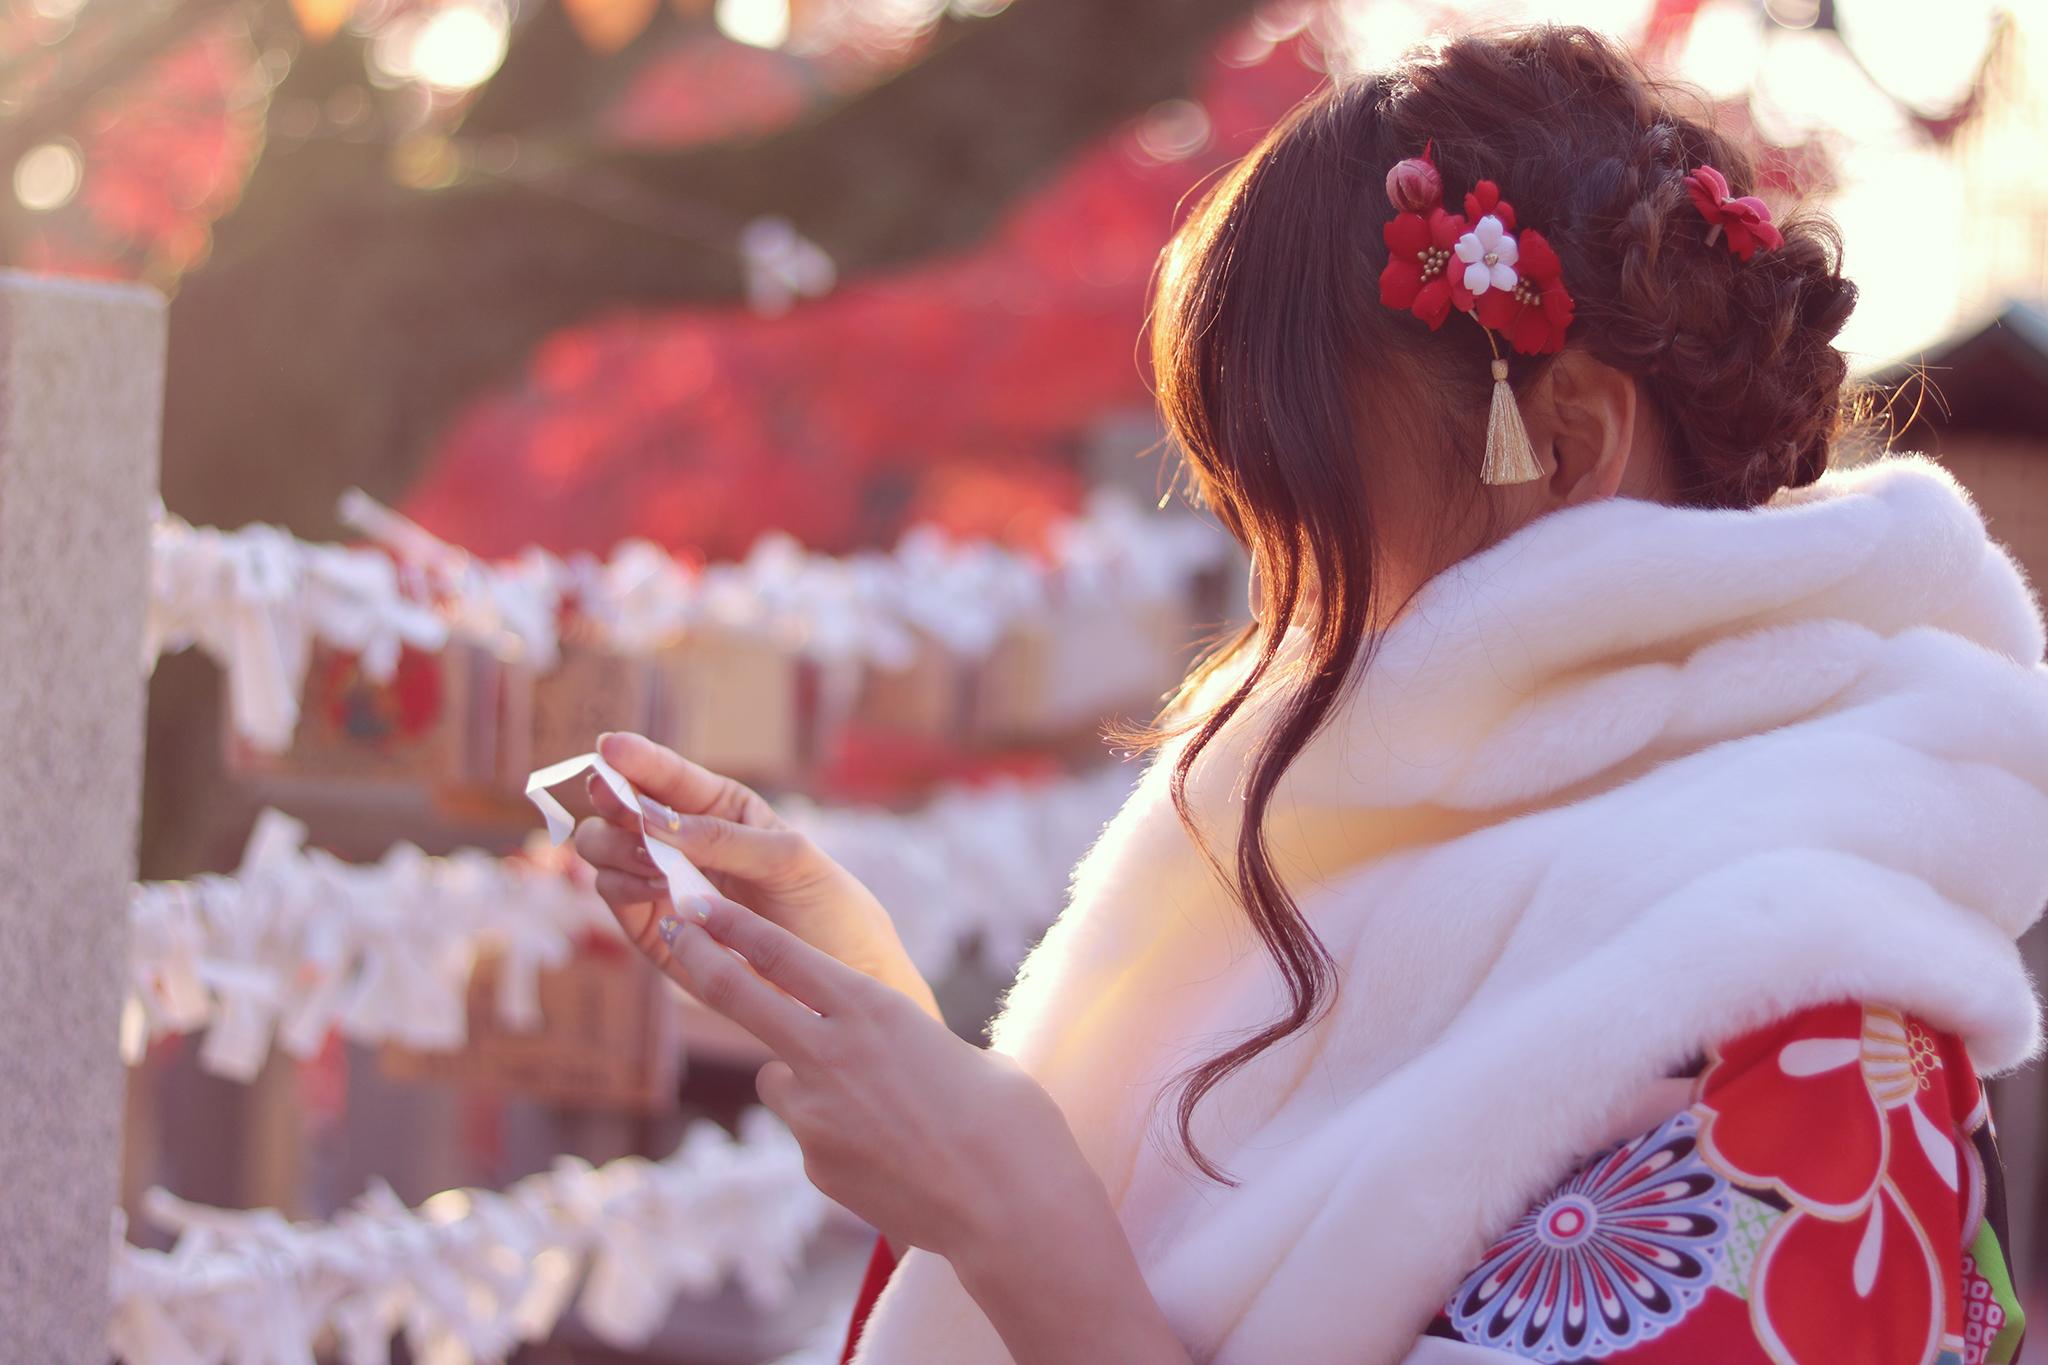 大阪天満宮初詣2018|混雑状況やアクセス駐車場情報!屋台はいつまで?